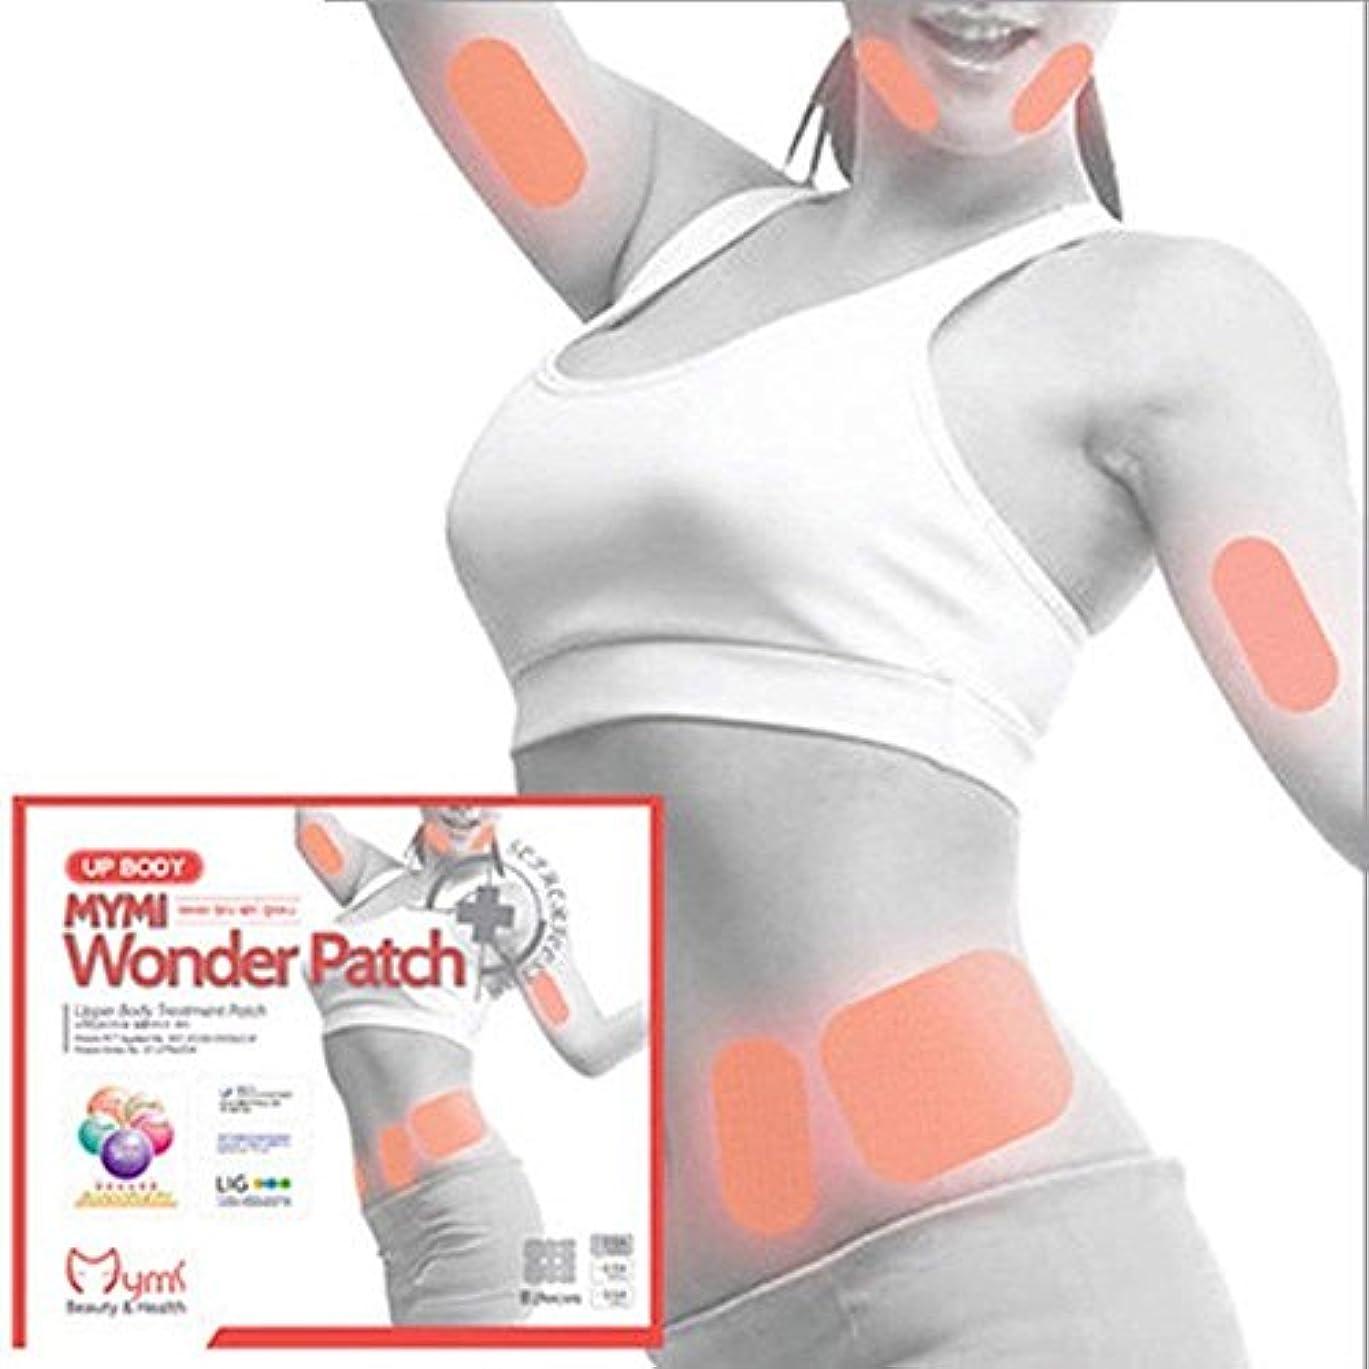 驚ピース干渉脂肪燃焼ダイエットパッチ - Delaman 貼るだけダイエット、お腹用 脚 腕 、ウェスト くびれ (PATTERN : Arms)